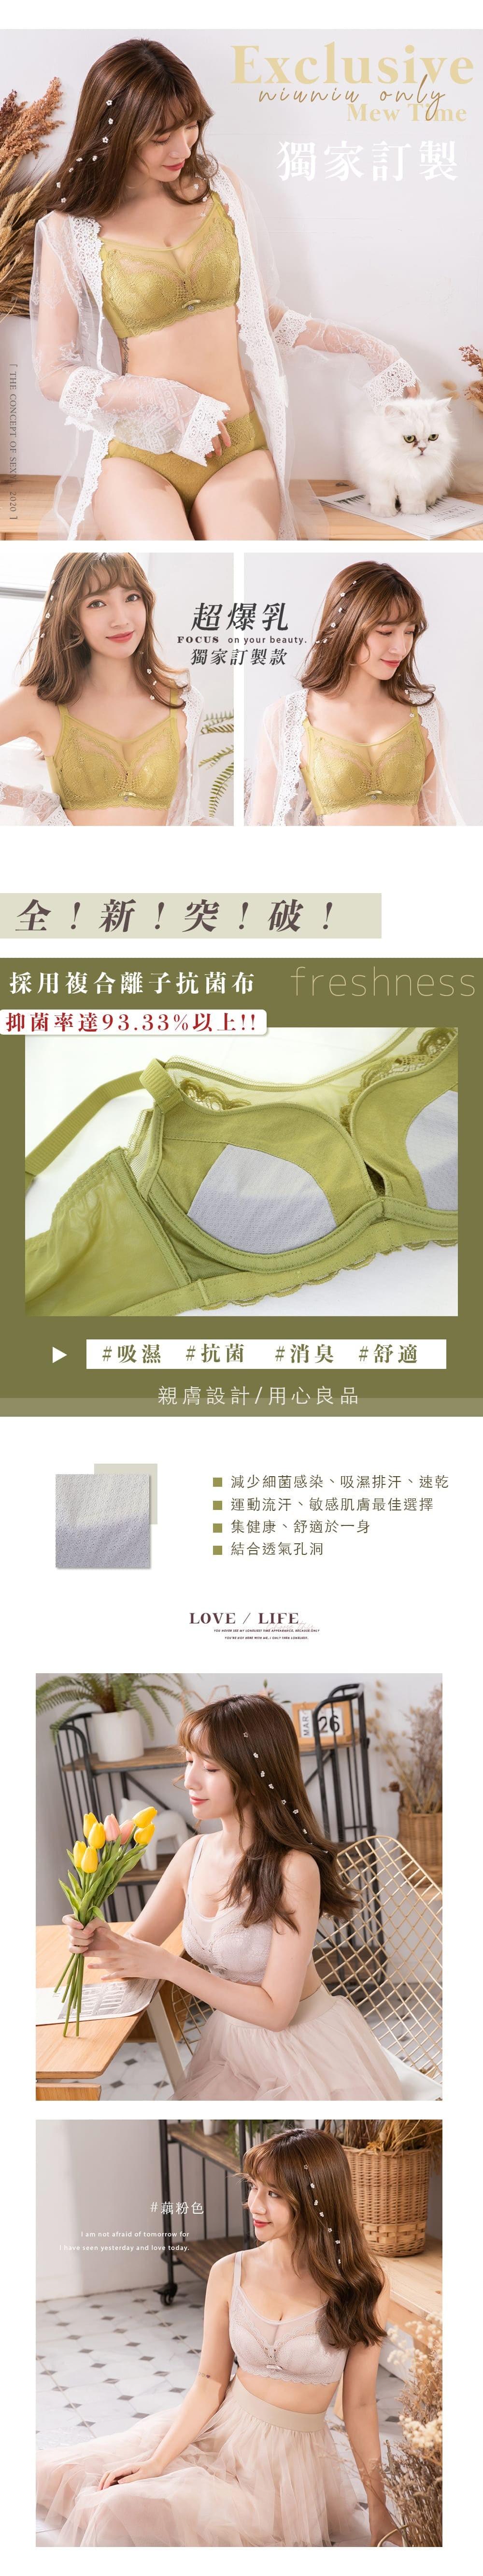 無鋼圈【派對時光】透膚調整型內衣單件 3色